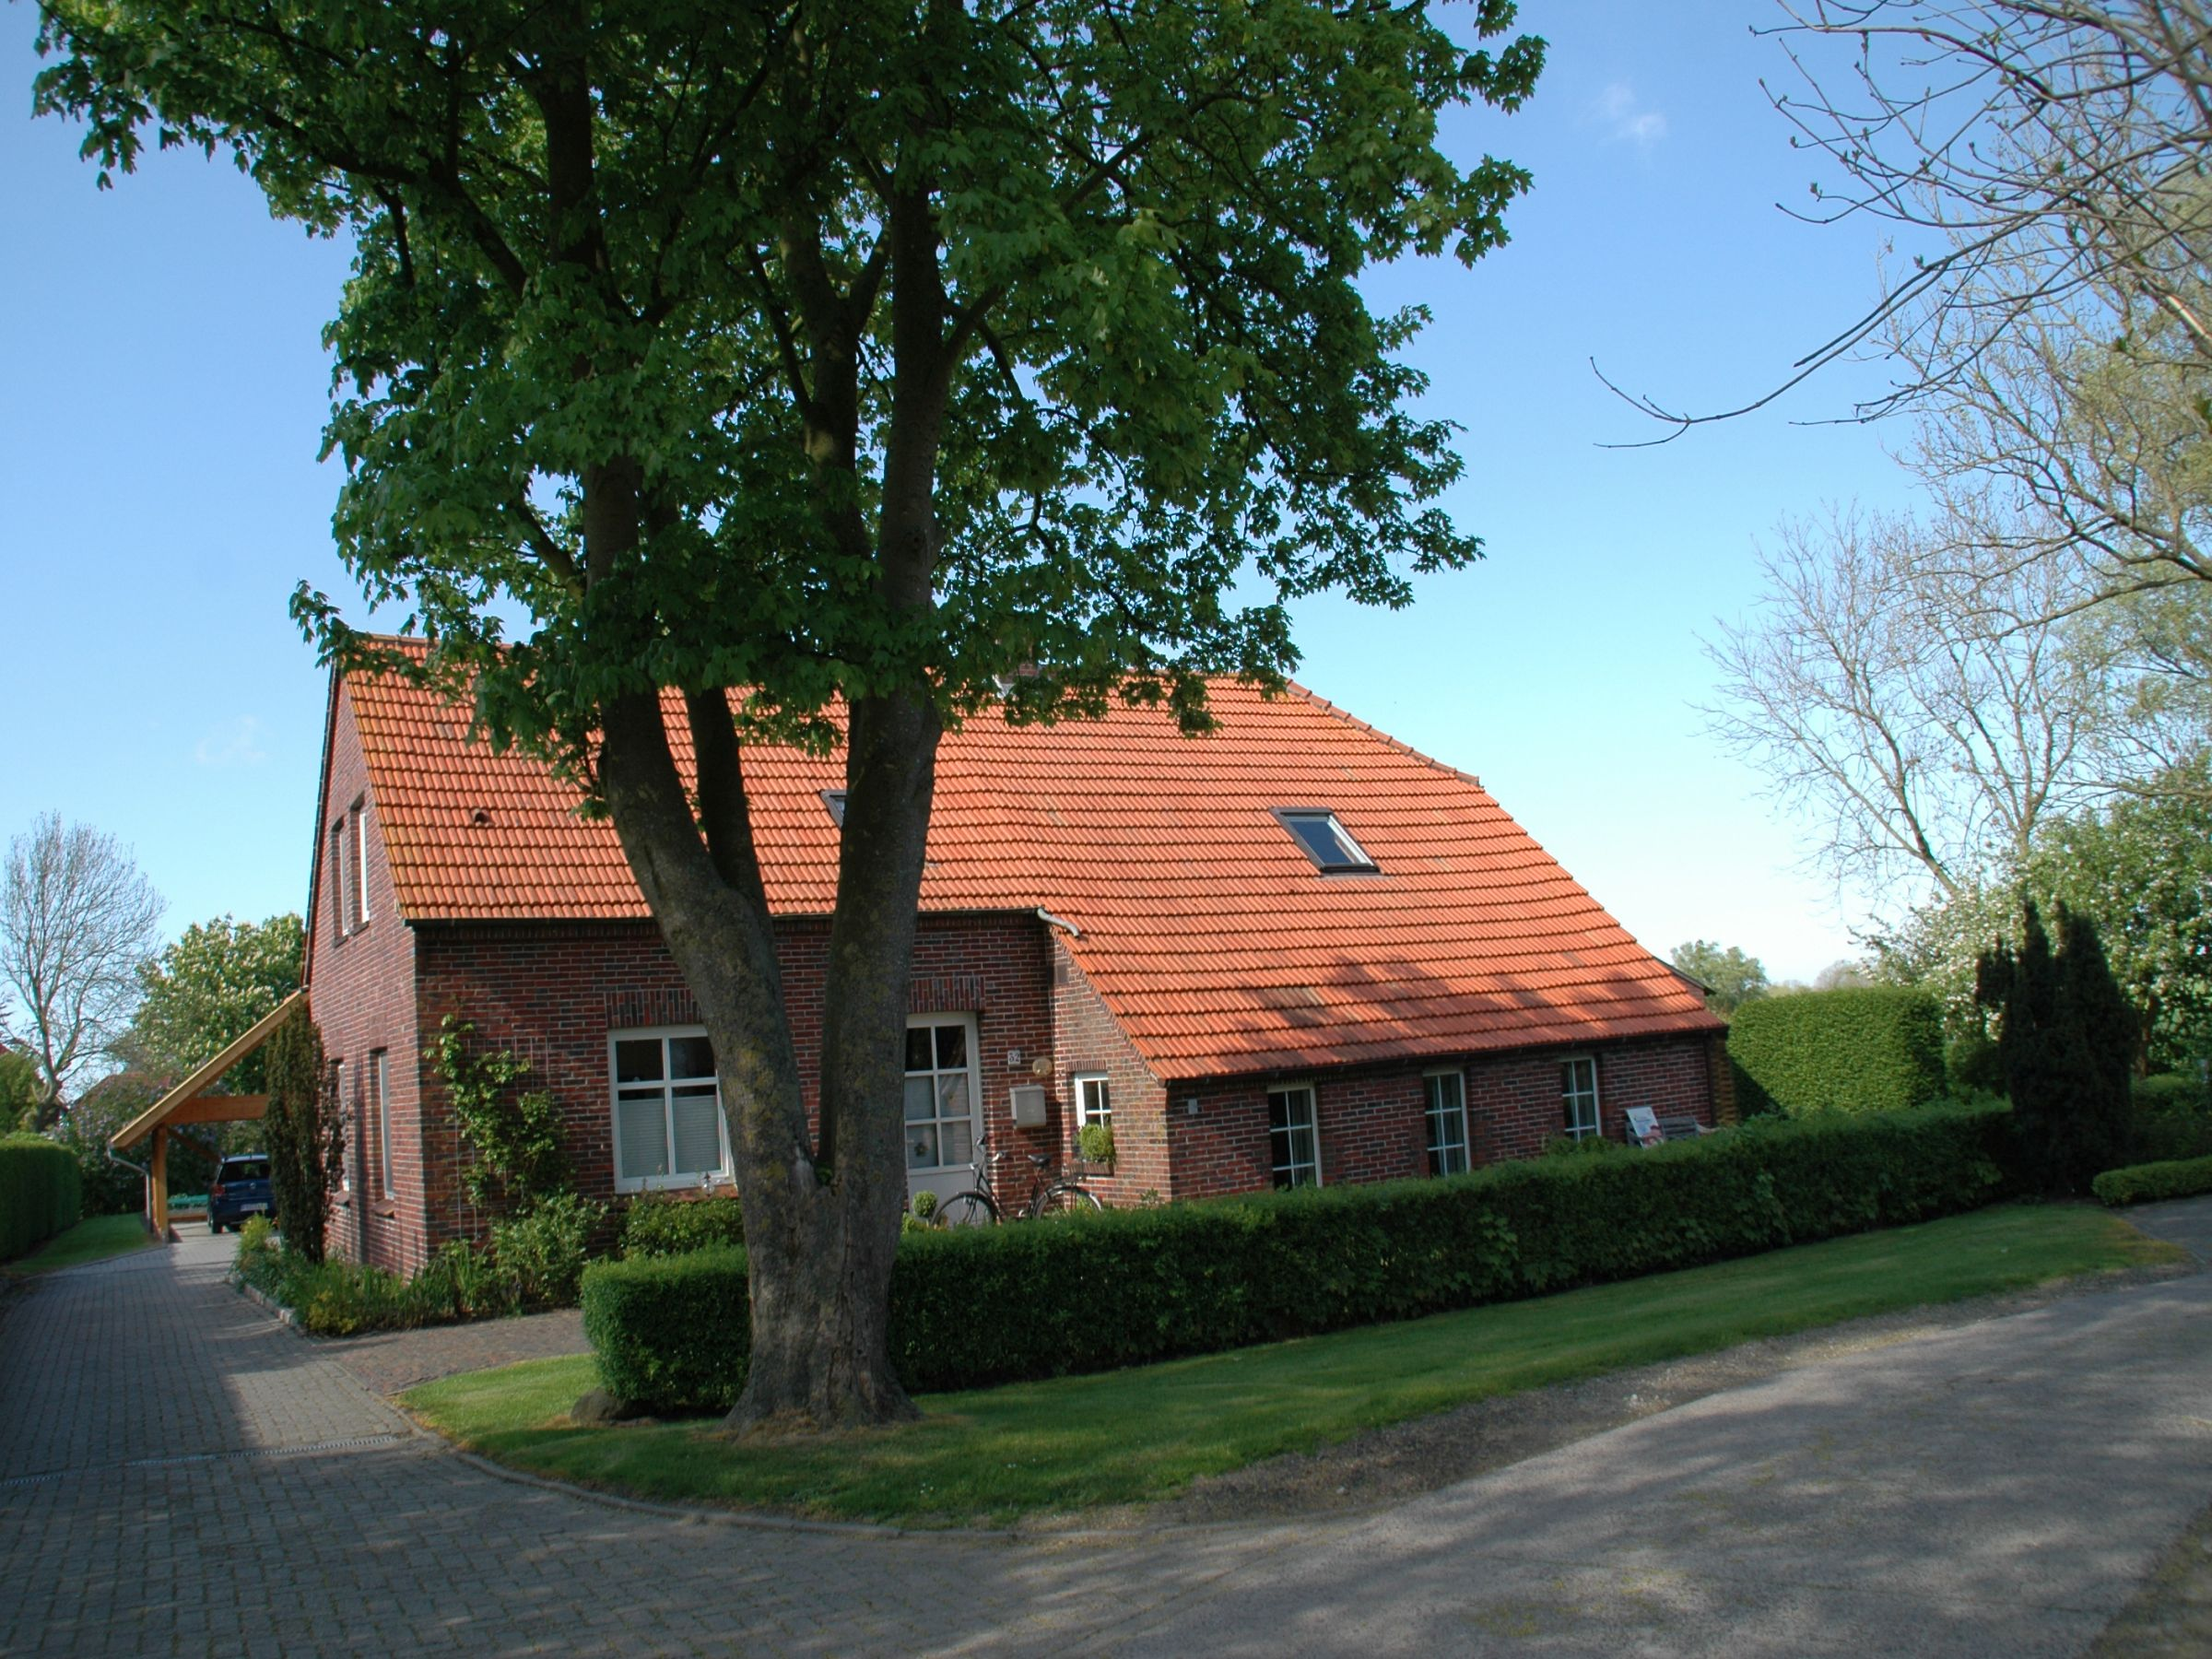 Ferienlandhaus Harms Janßen Wangerland Ferienwohnung Gartenblick 70qm 2 Schlafzimmer max 4 Personen